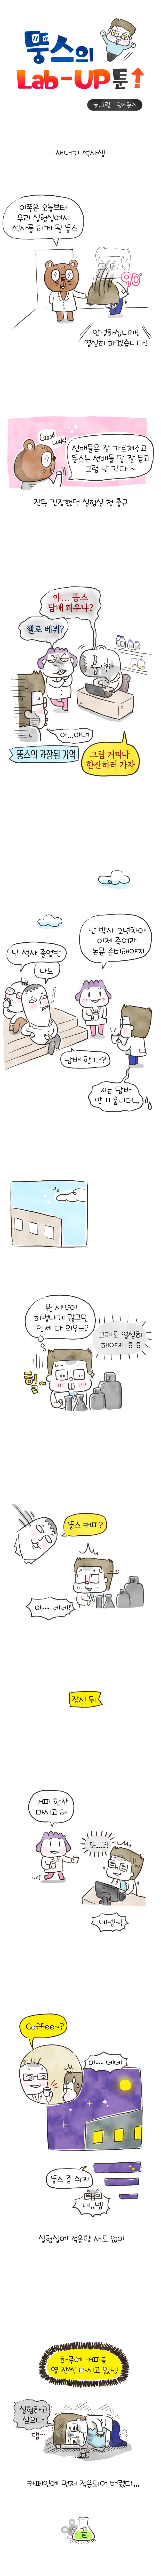 뚱스의 Lab-Up툰 2화